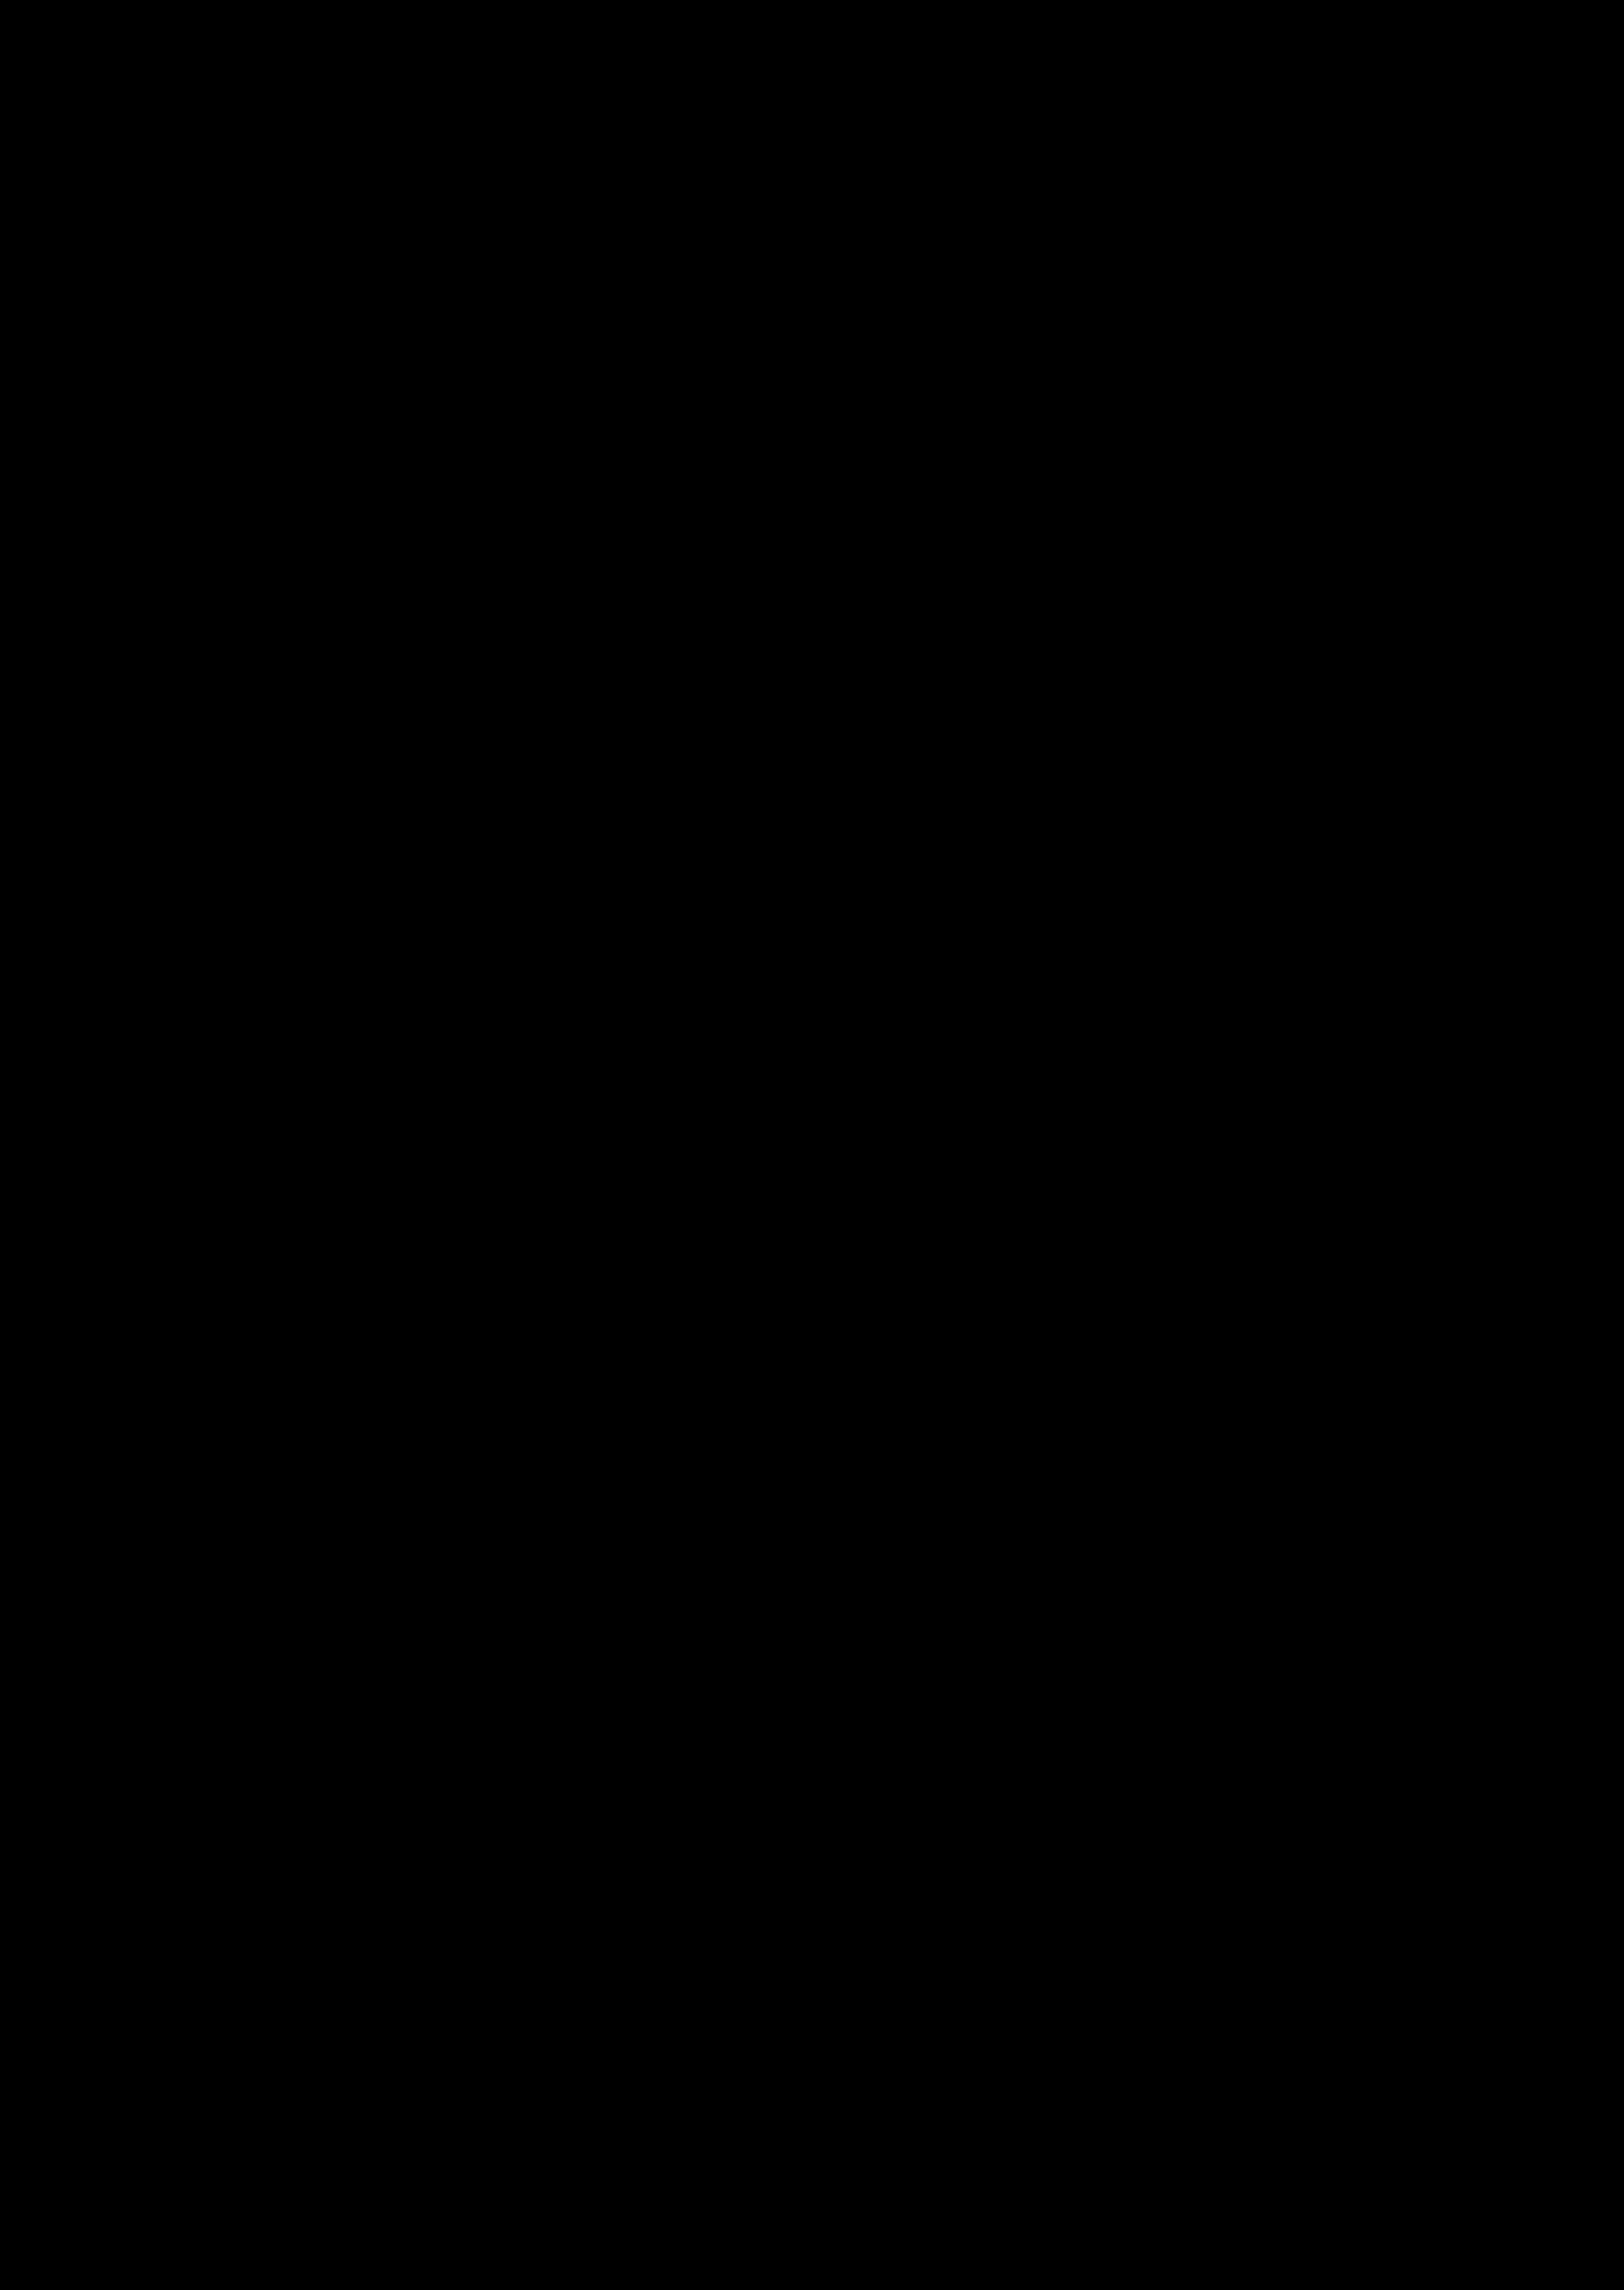 A menjar sa!, campaña para fomentar el consumo de frutas y hortalizas en centros escolares de la Comunitat Valenciana